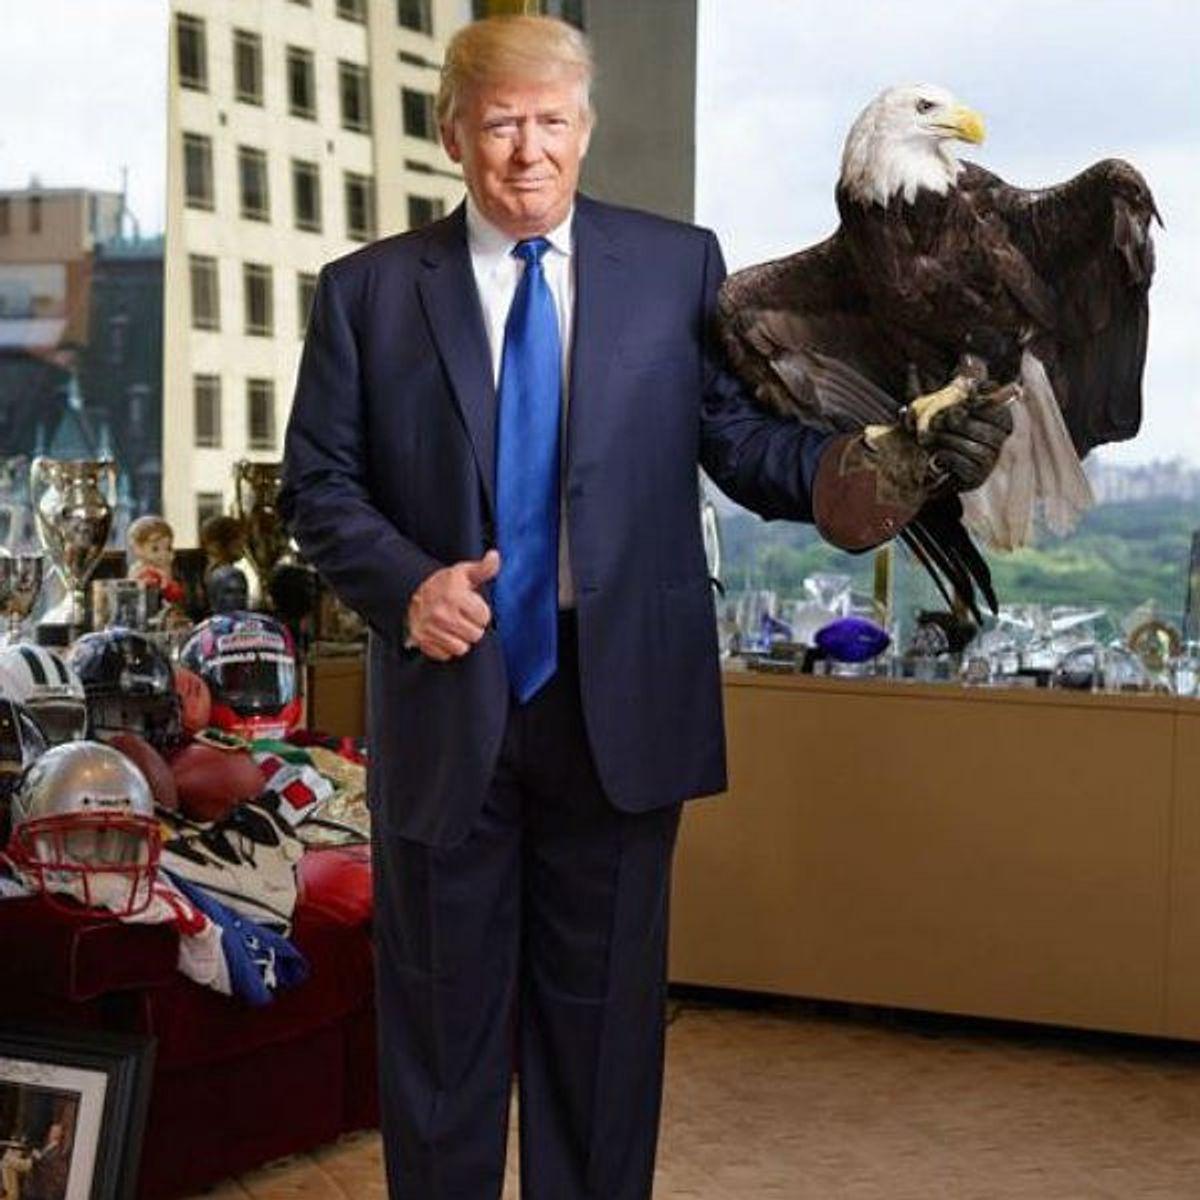 Donald Trump 45th POTUS